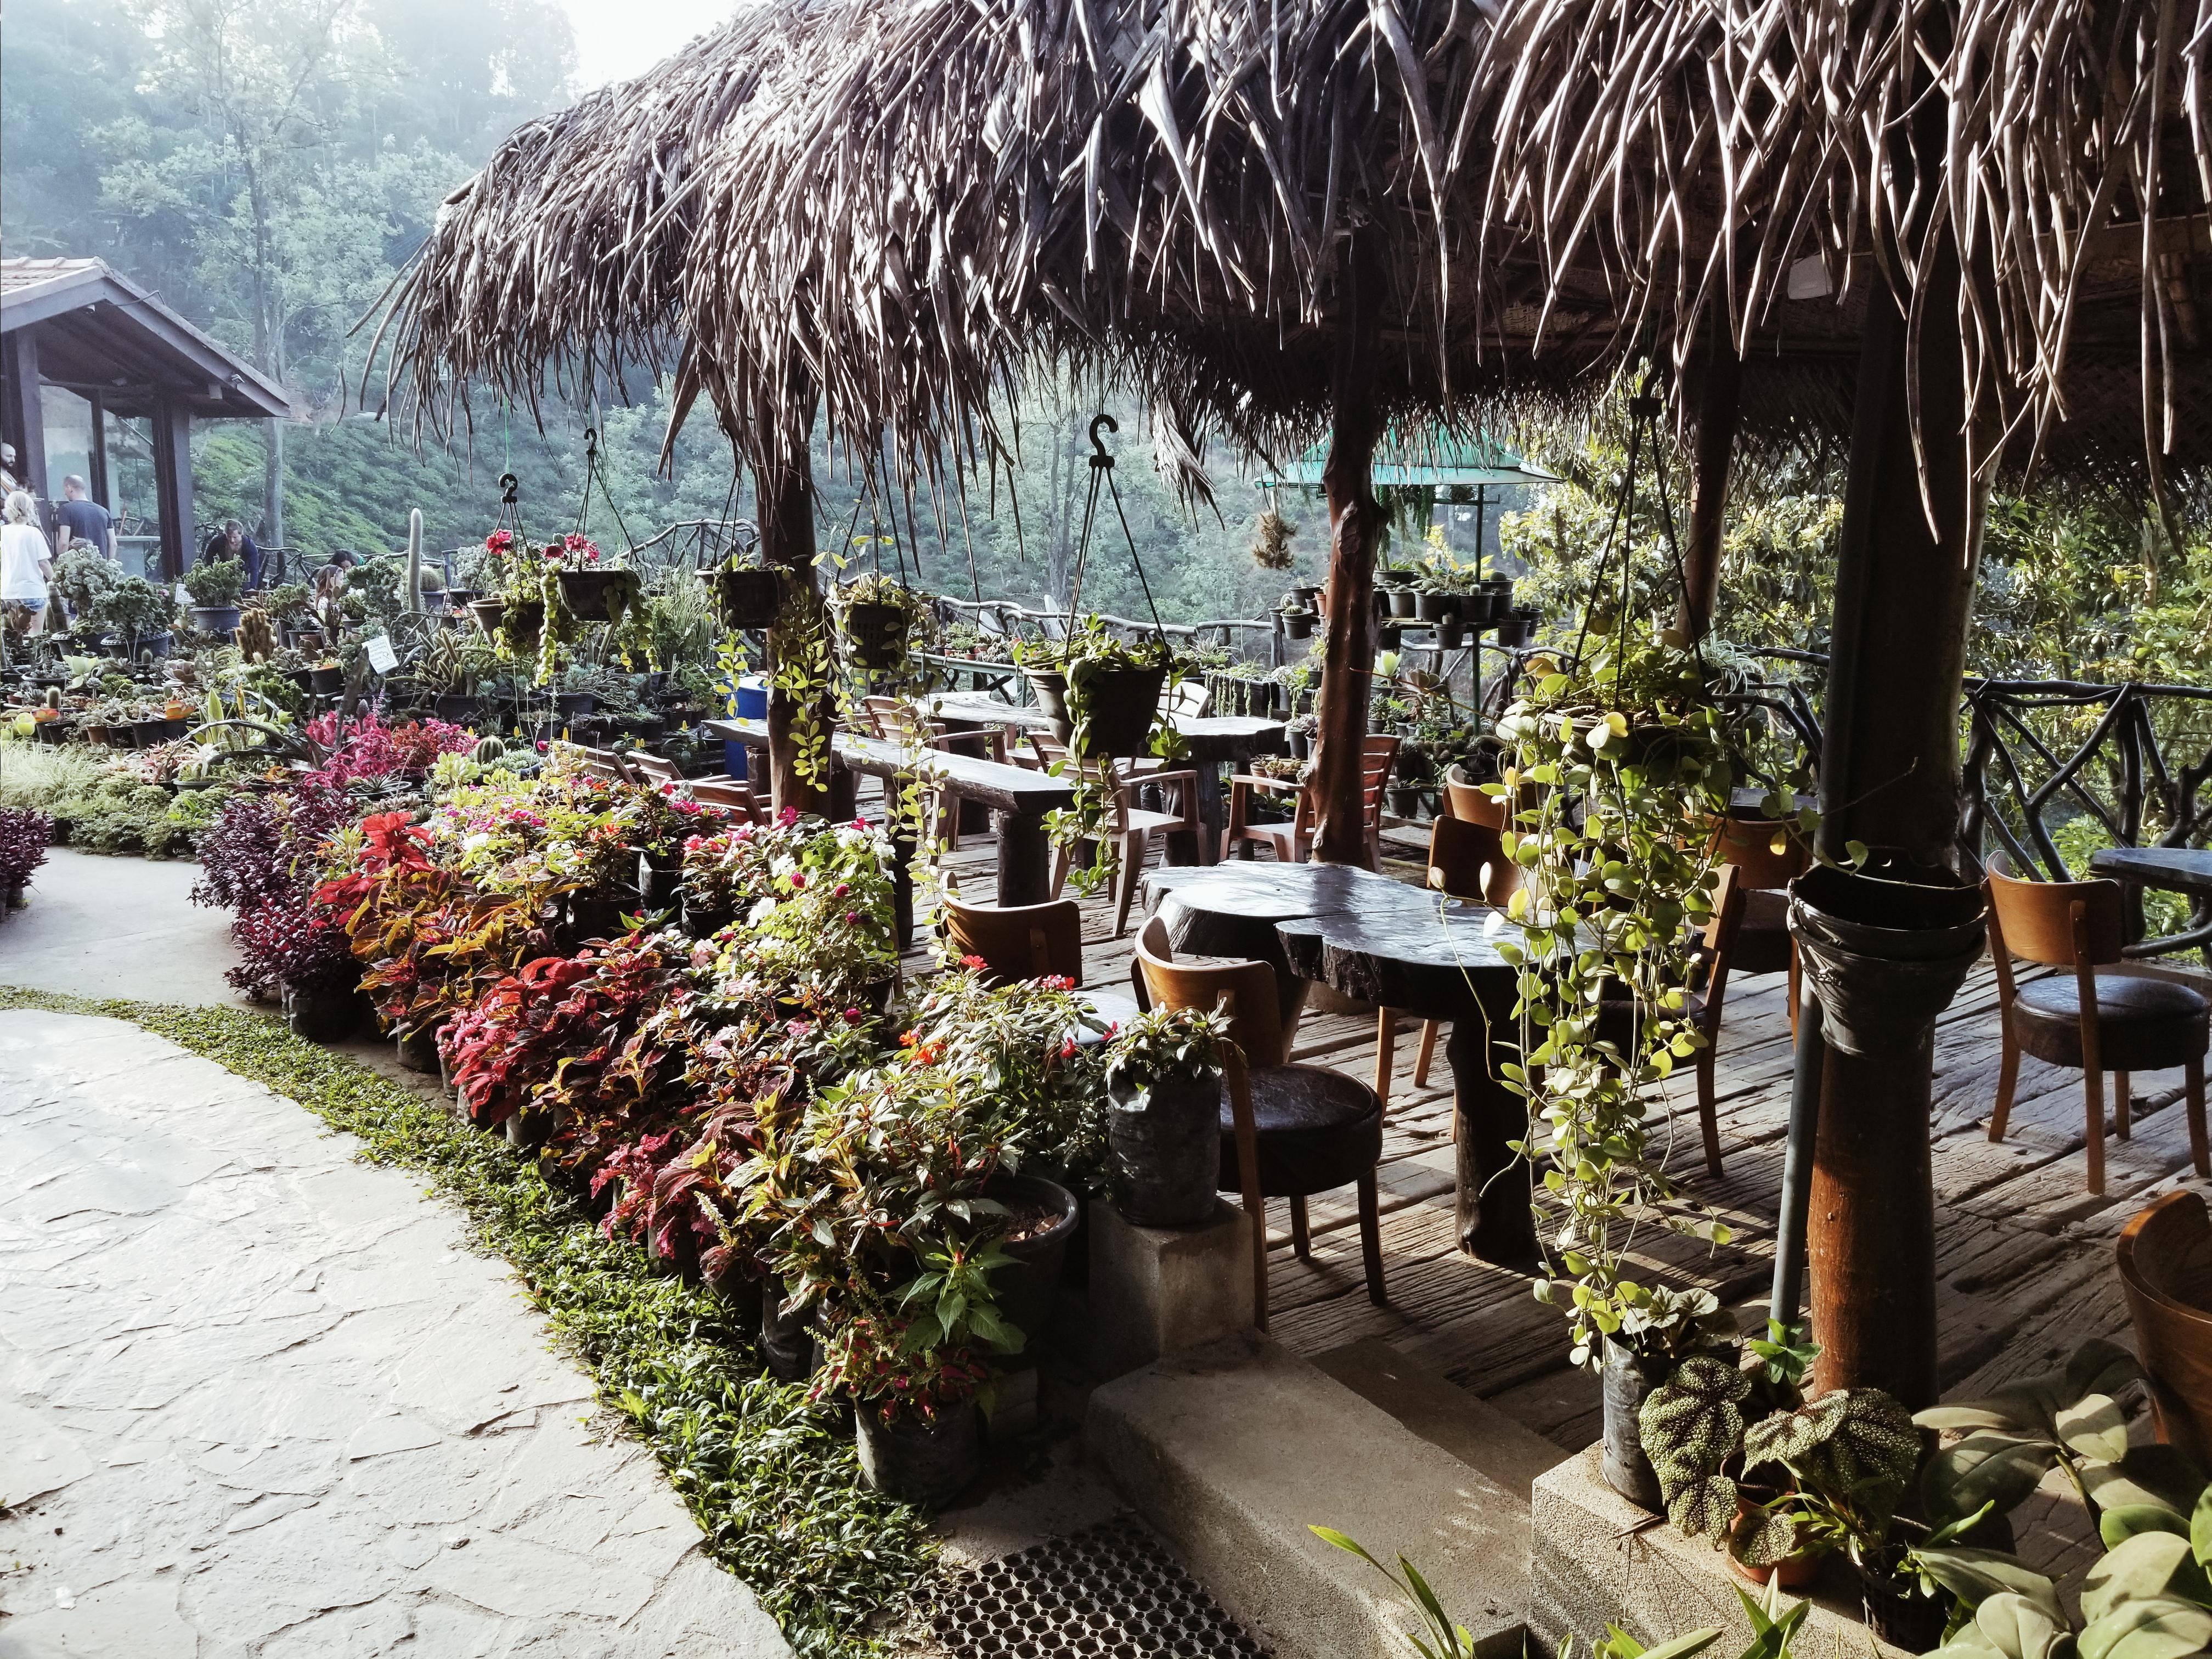 In the hotel garden